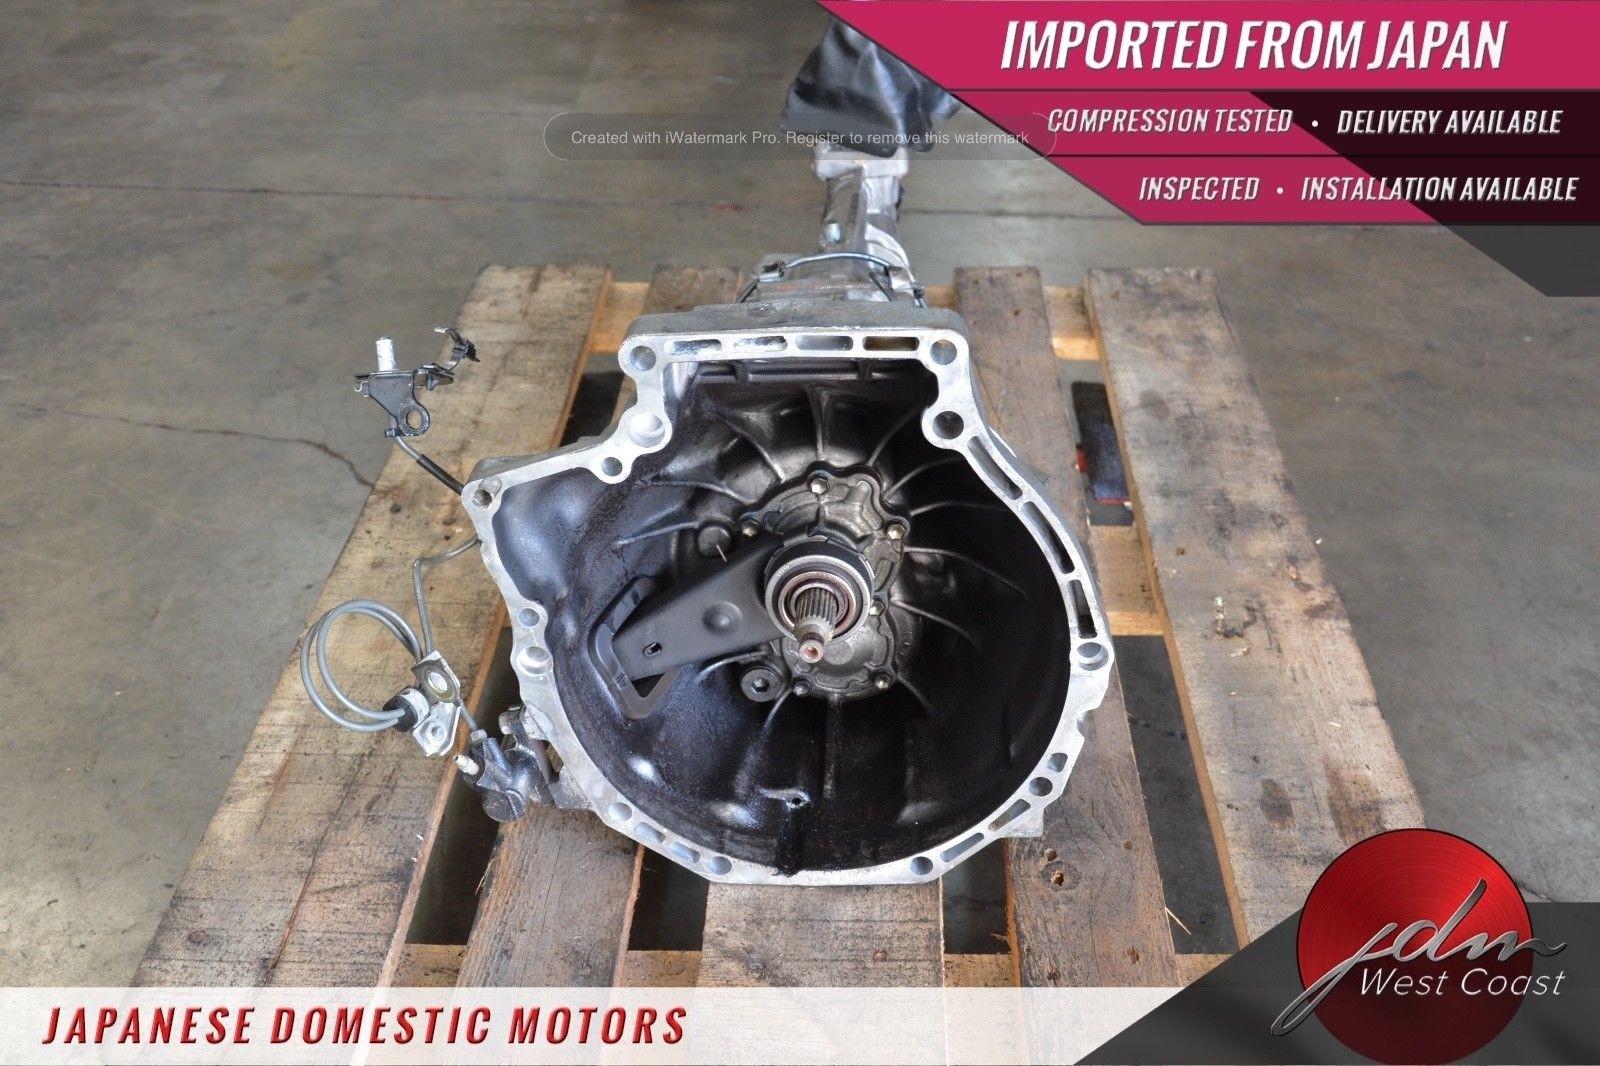 Jdm Mazda Rx8 13B 6port 03-08 Renesis 1 3L Rotary Engine 6spd MT Ecu